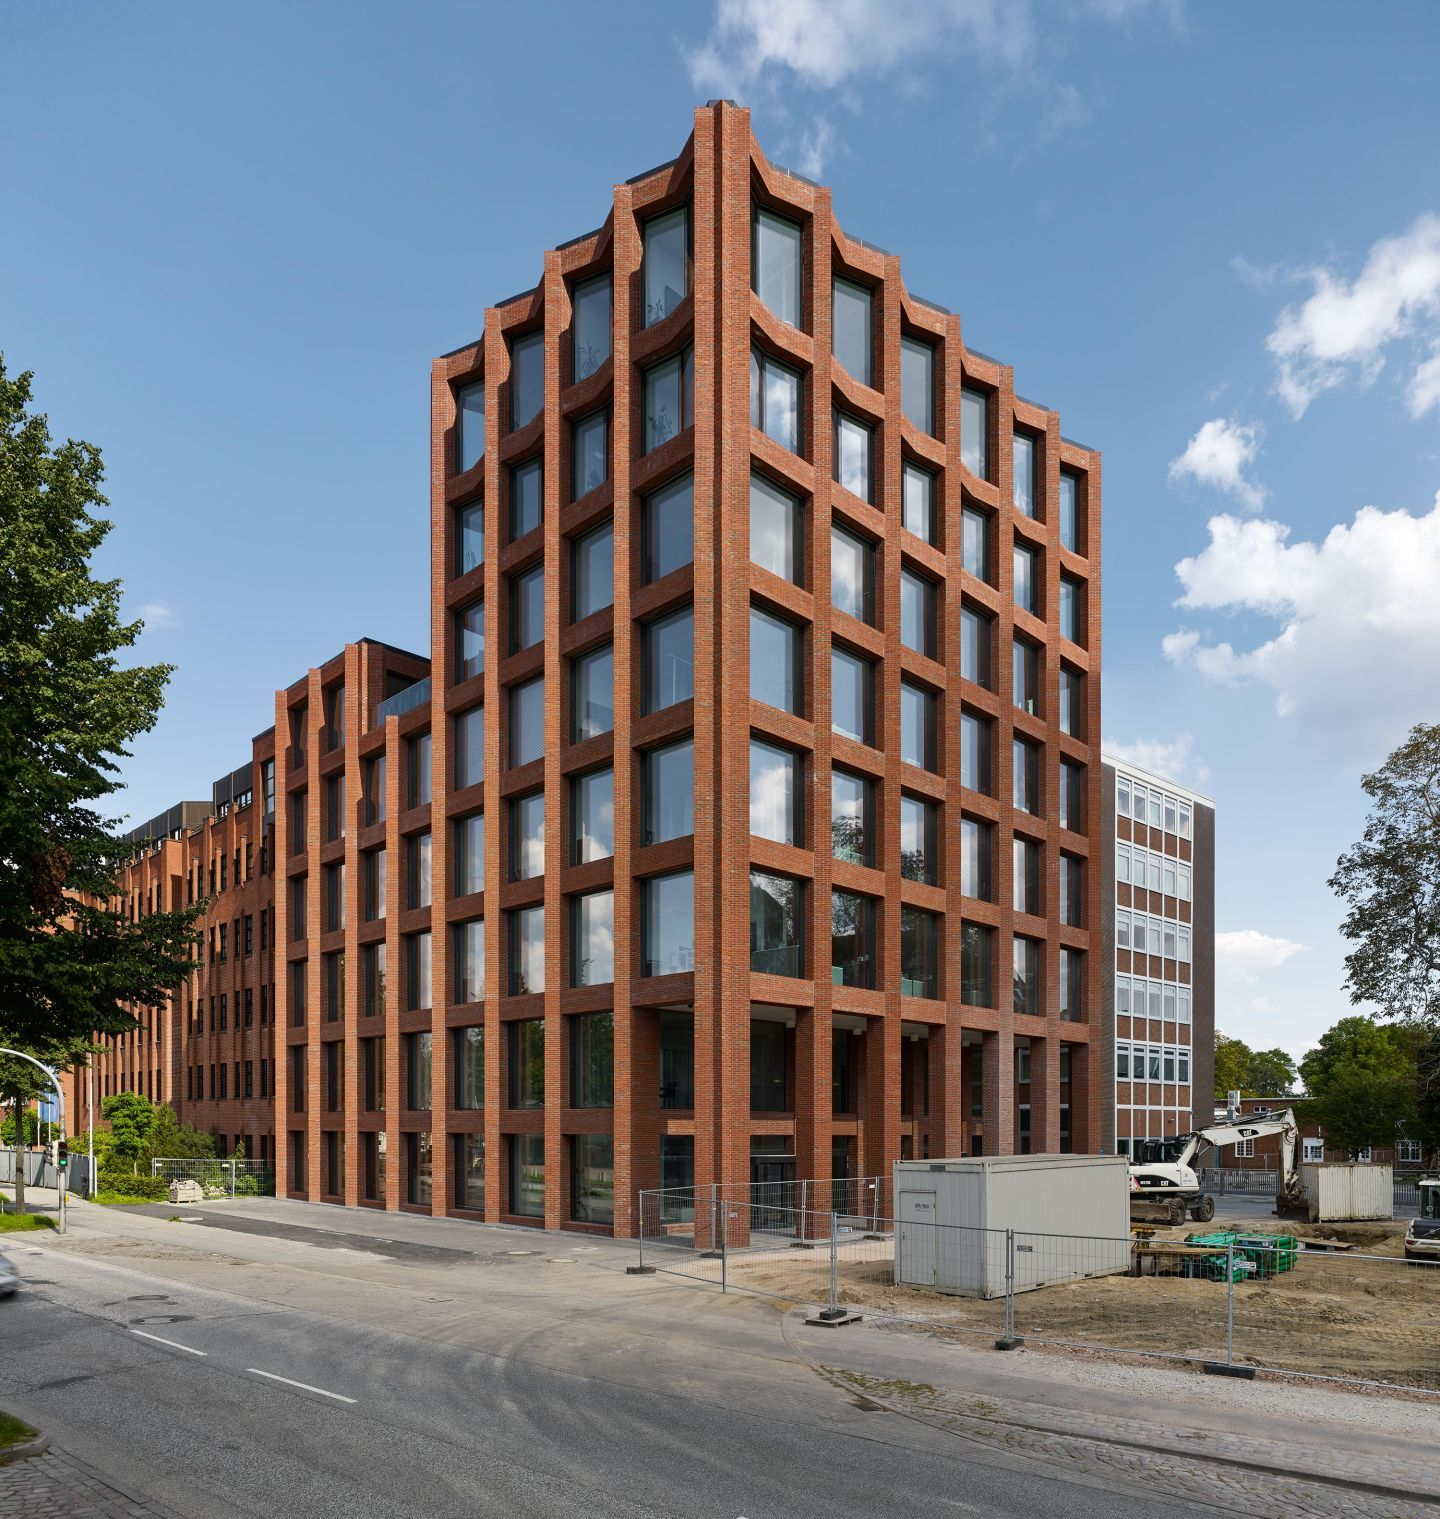 Architektur Lübeck max dudler architekt stefan müller drägerwerk house 72 lubeck